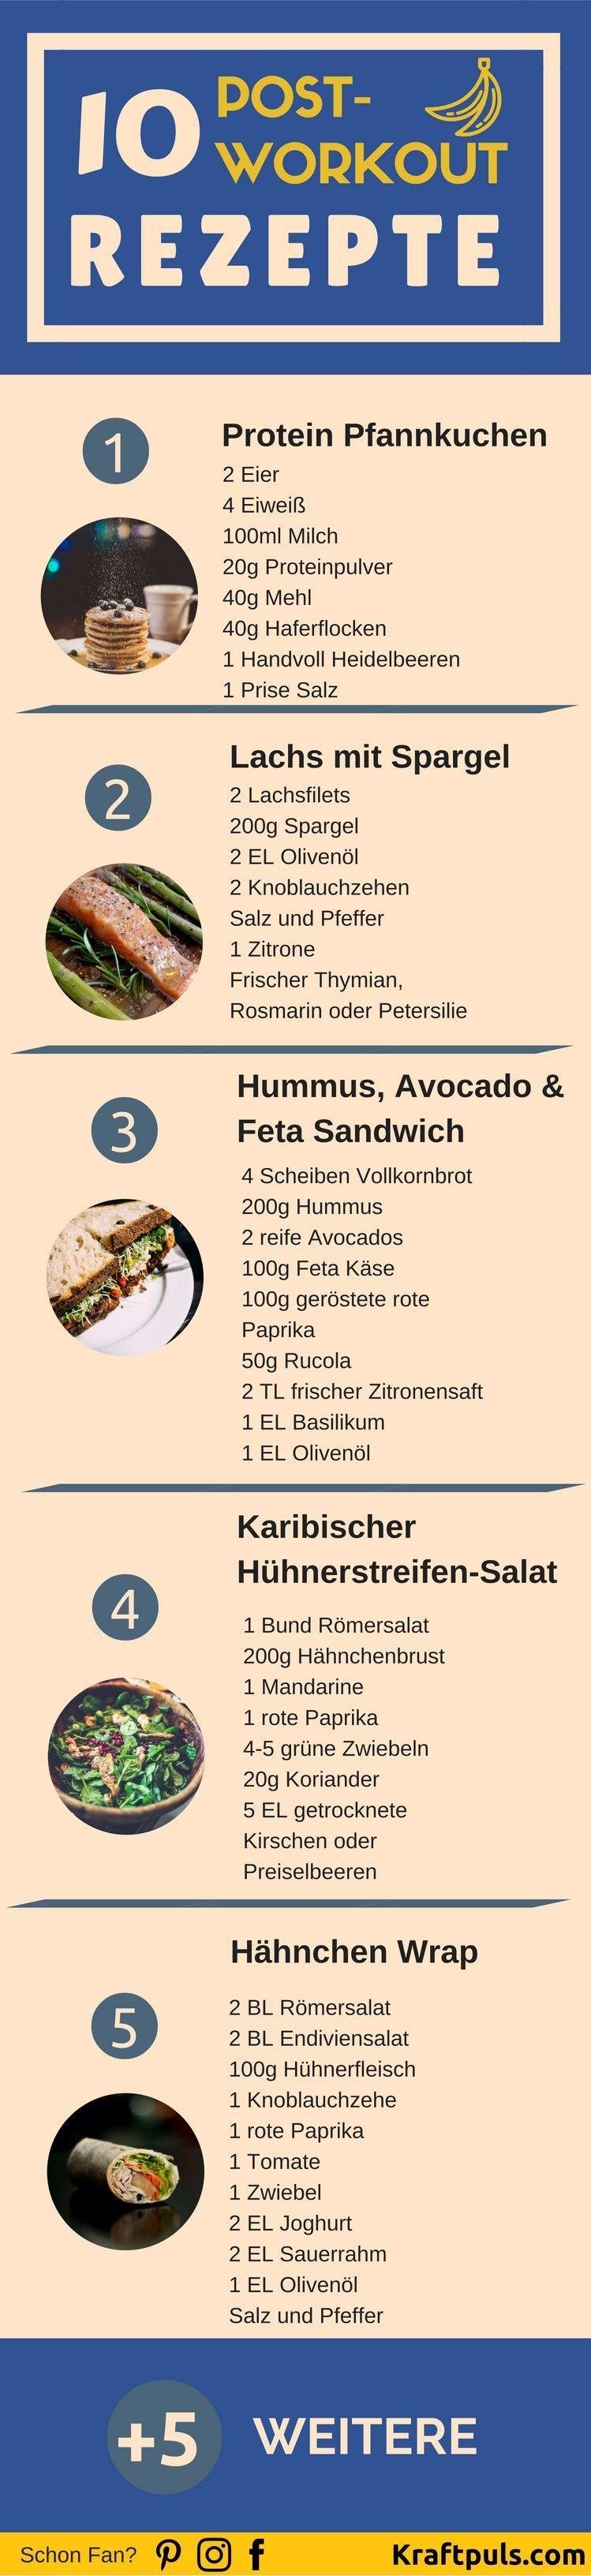 Post-Workout Rezepte: Das richtige Essen nach dem Training ❤ Hier 10 Rezepte für die optimale Ernähr...